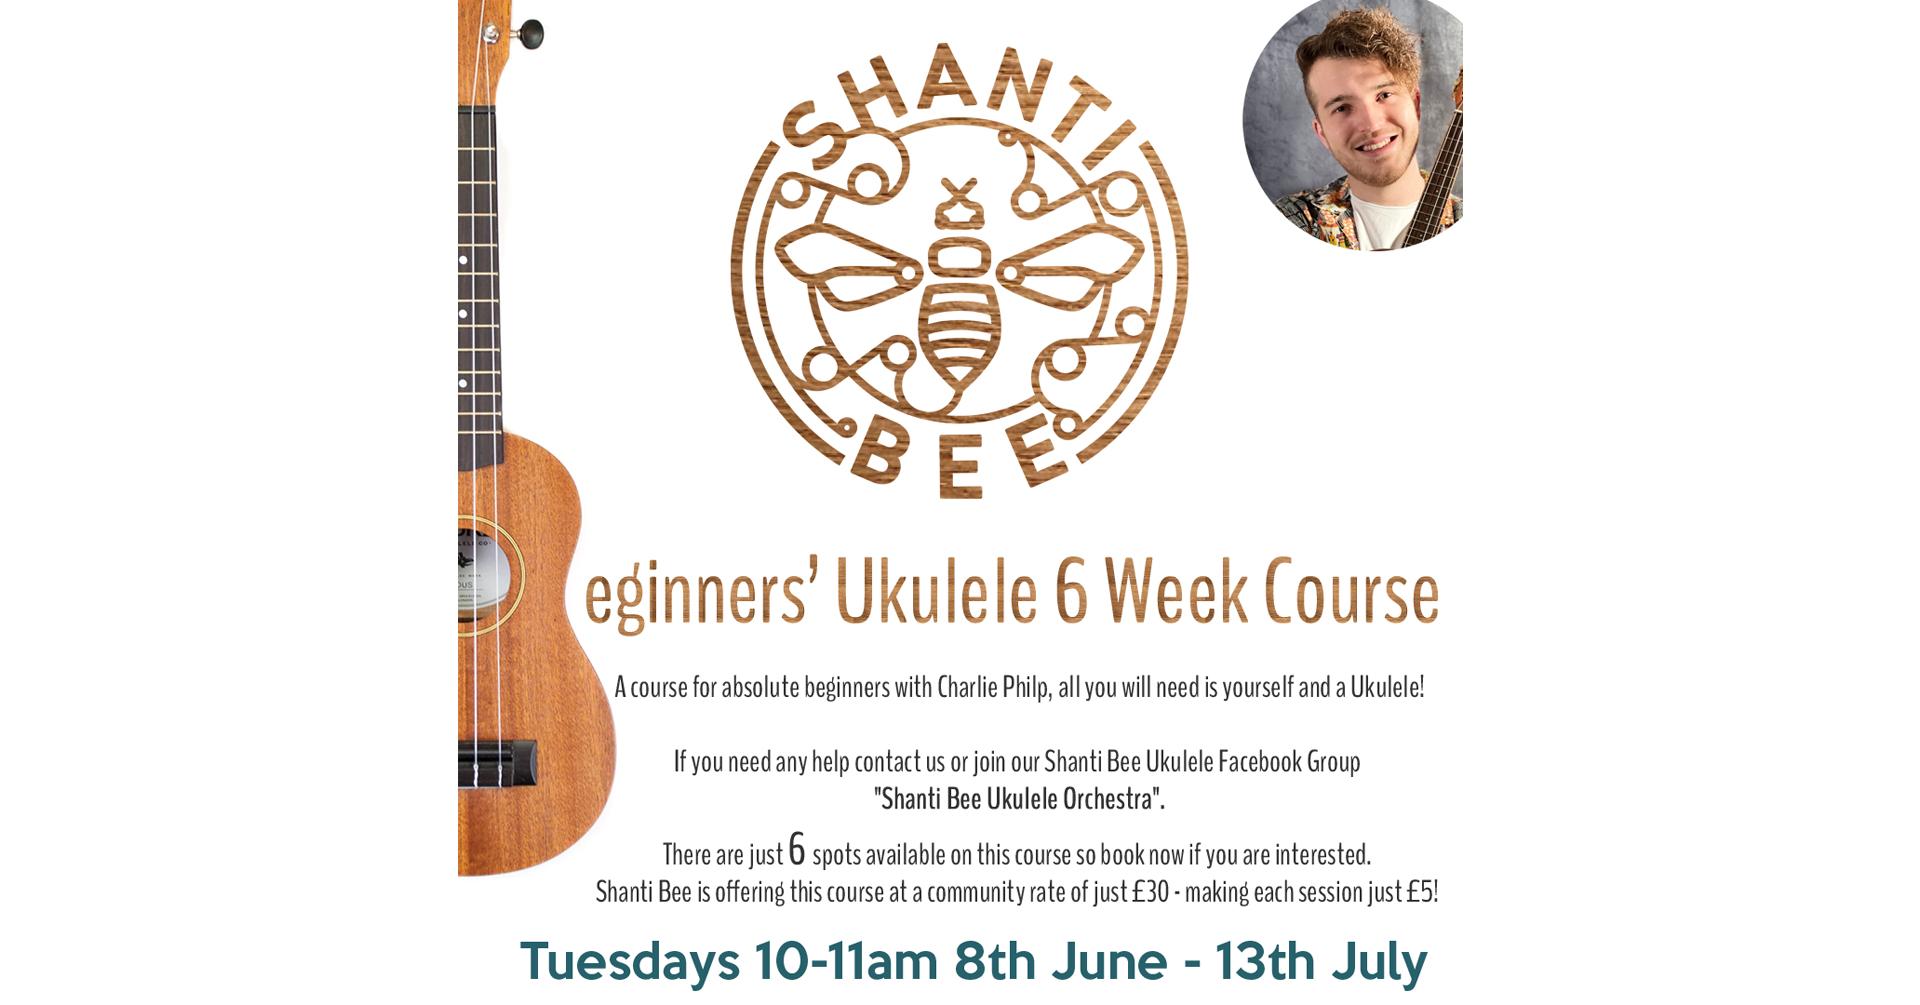 Beginners' Ukulele Course